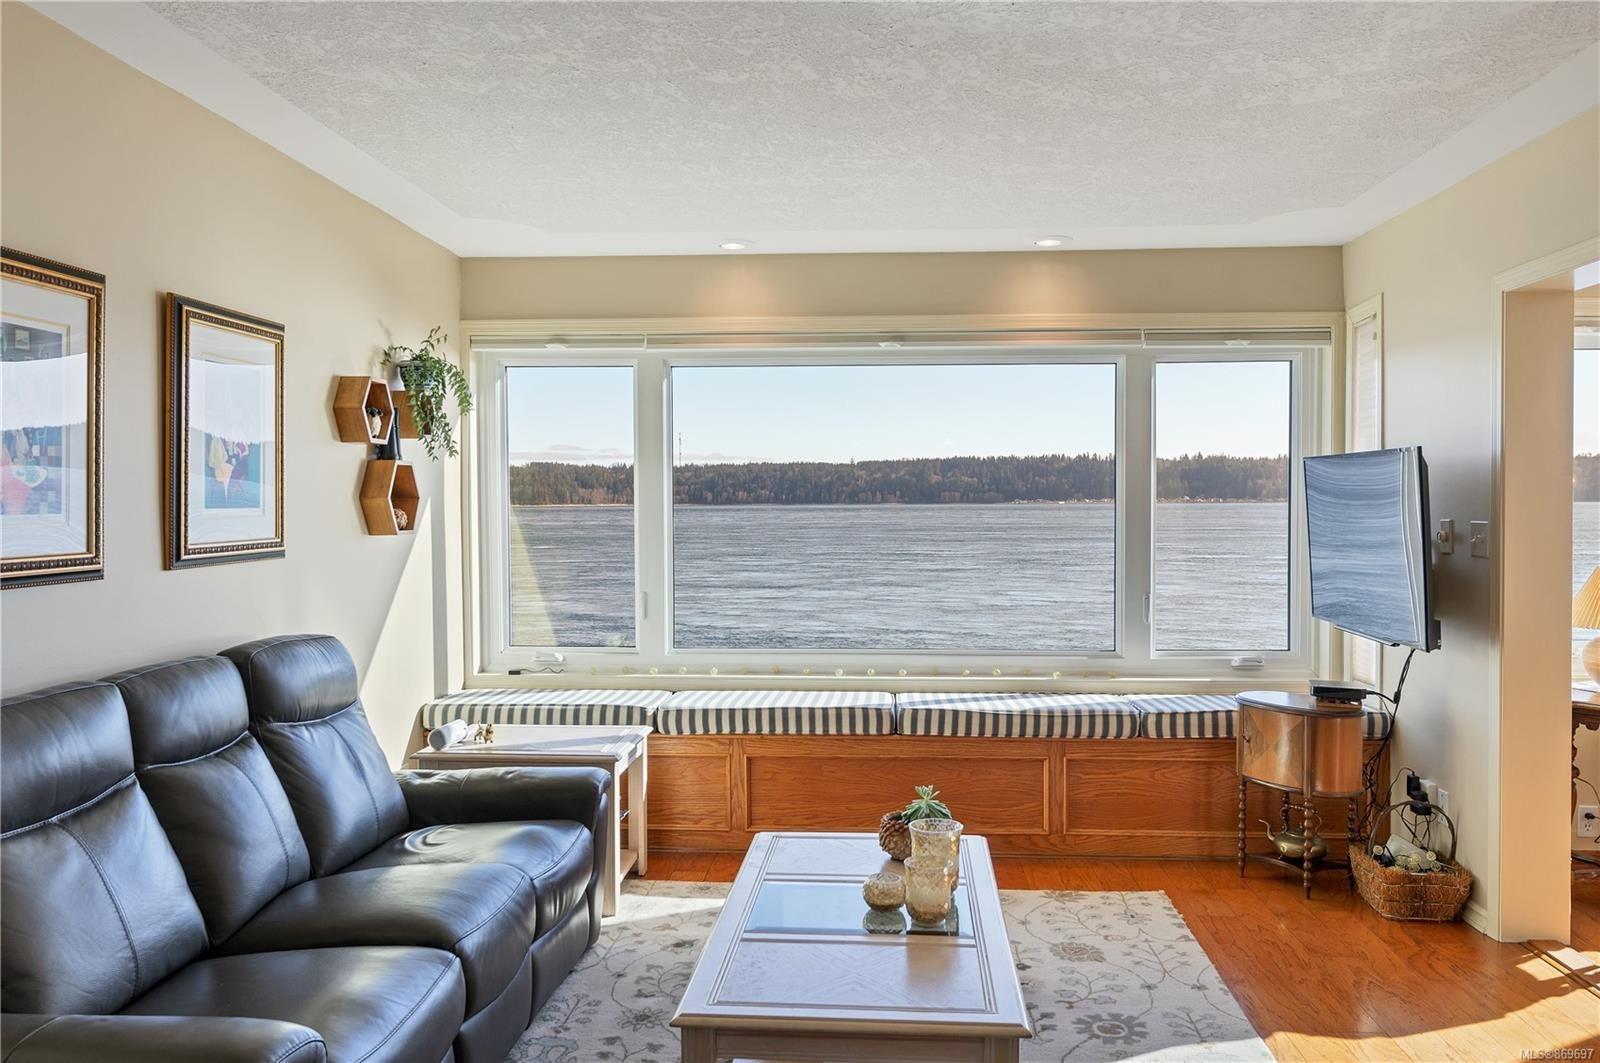 Livingroom on the Sea